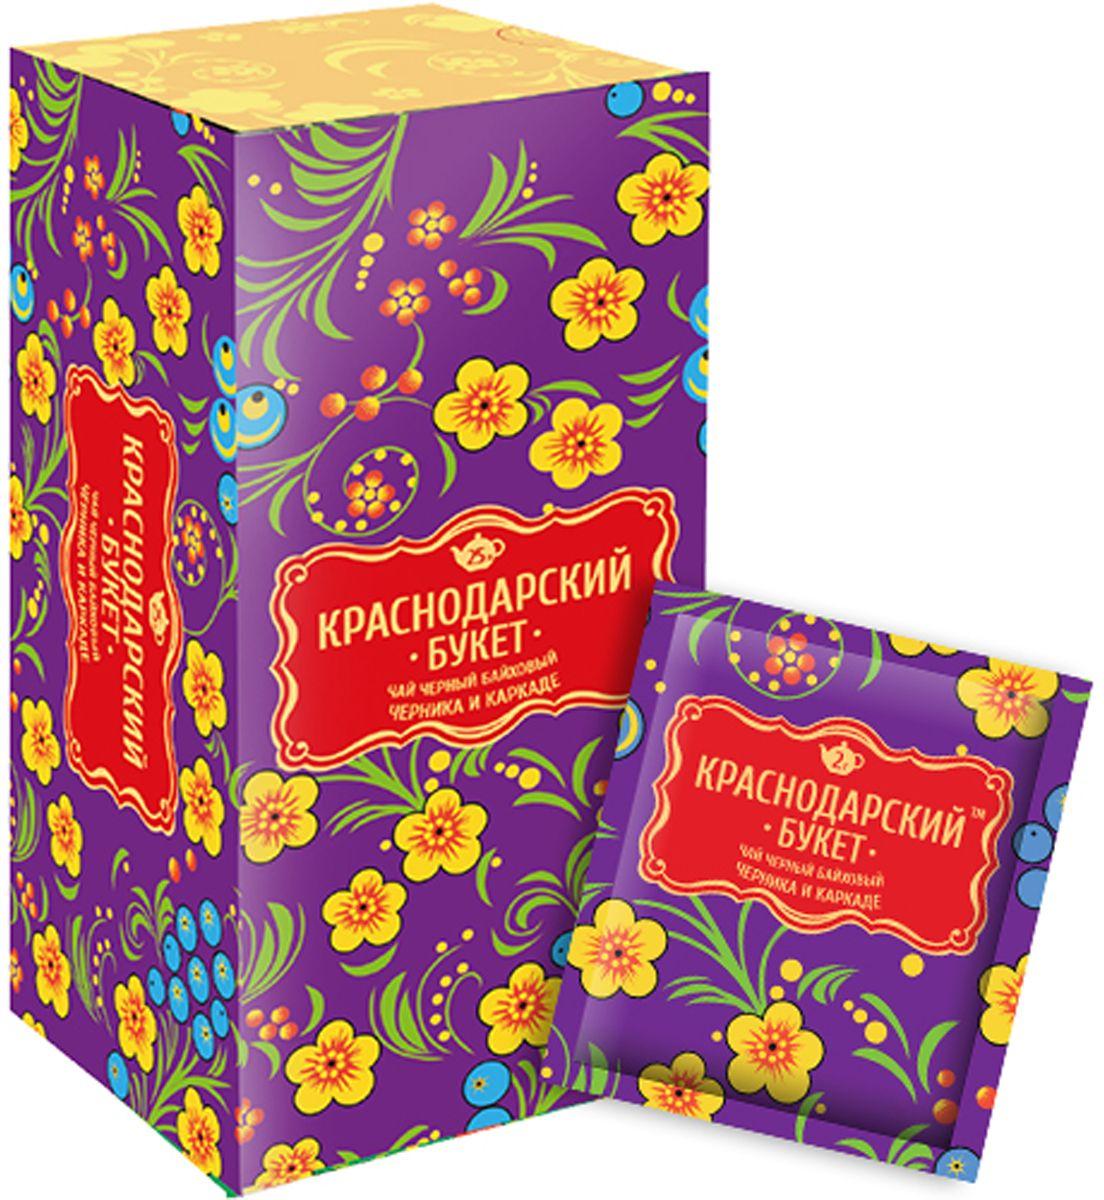 Краснодарский букет чай черный с черникой и каркаде в пакетиках, 25 шт0120710Крепкий чай с добавлением ягод черники и цветков каркаде раскрывается богатым терпко-сладковатым вкусом и долгим приятным послевкусием.